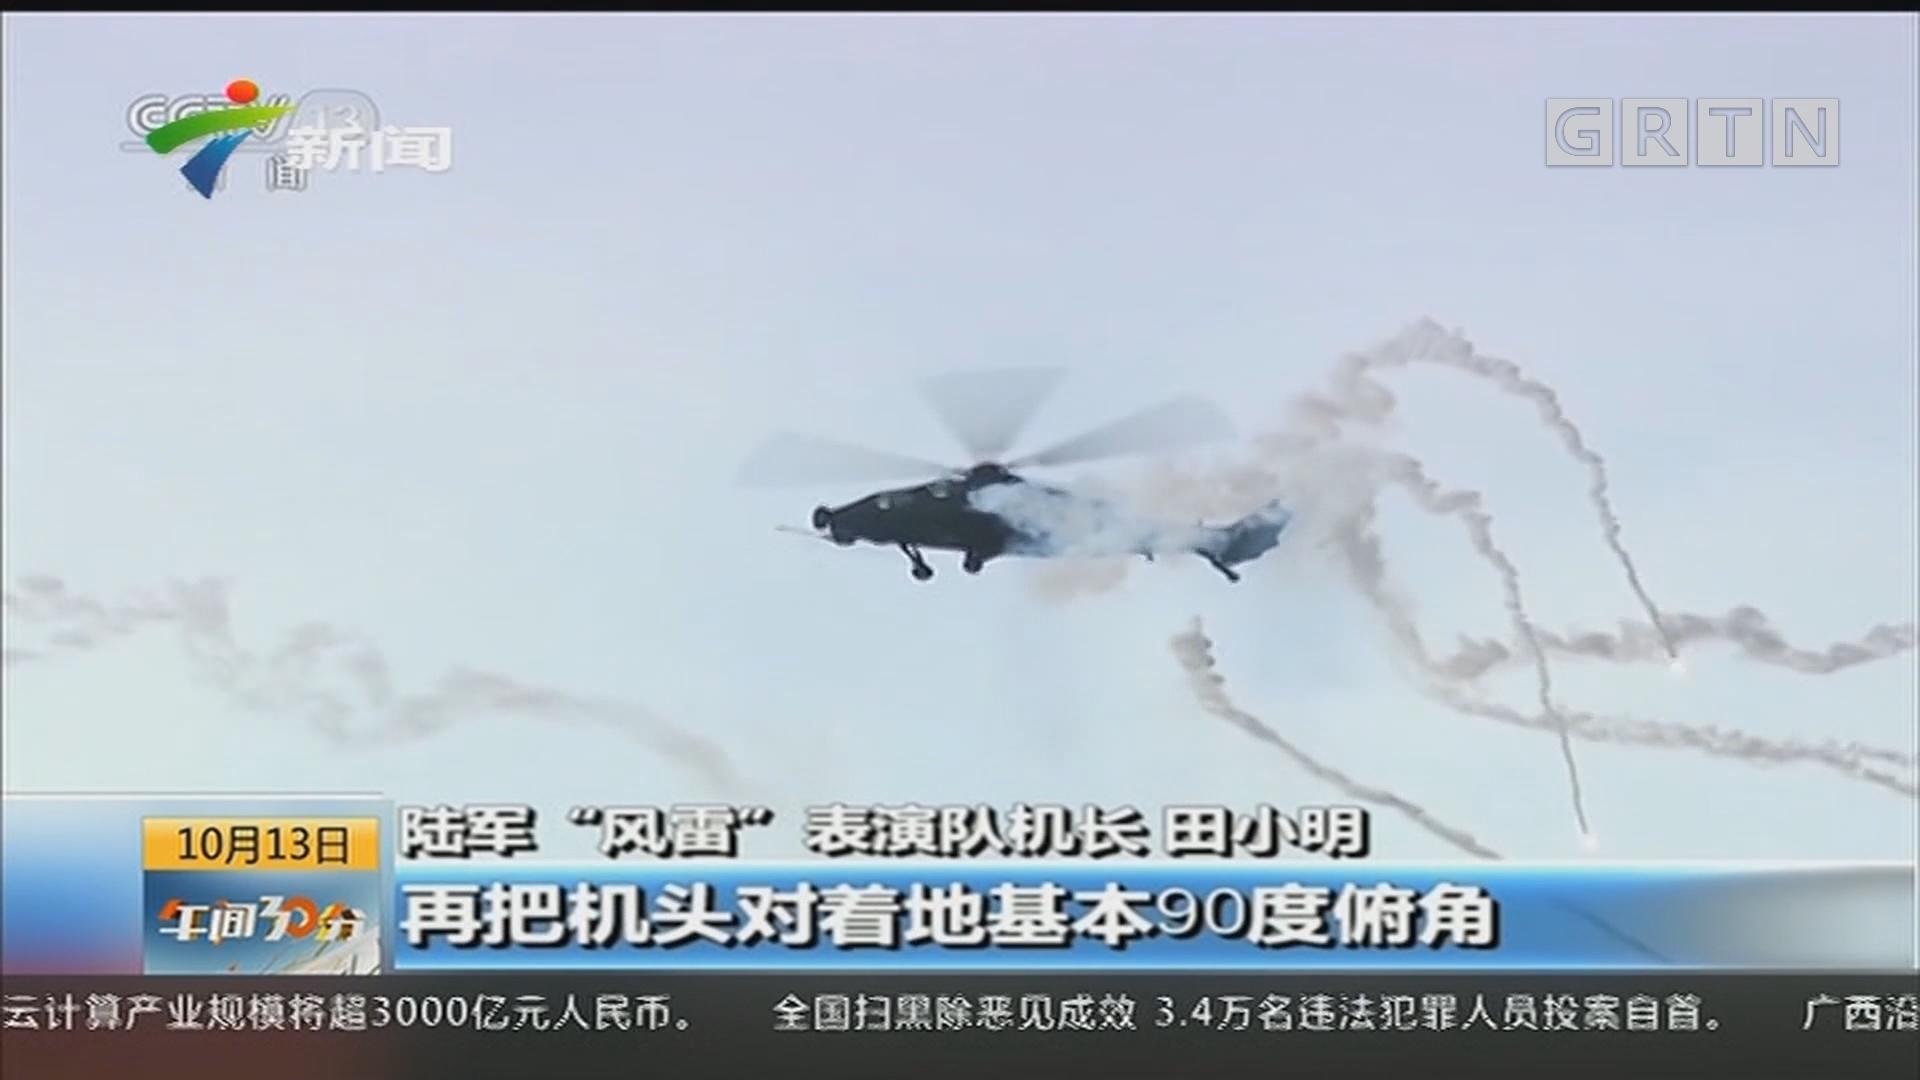 天津国际直升机博览会:陆军风雷表演队解密高难度飞行